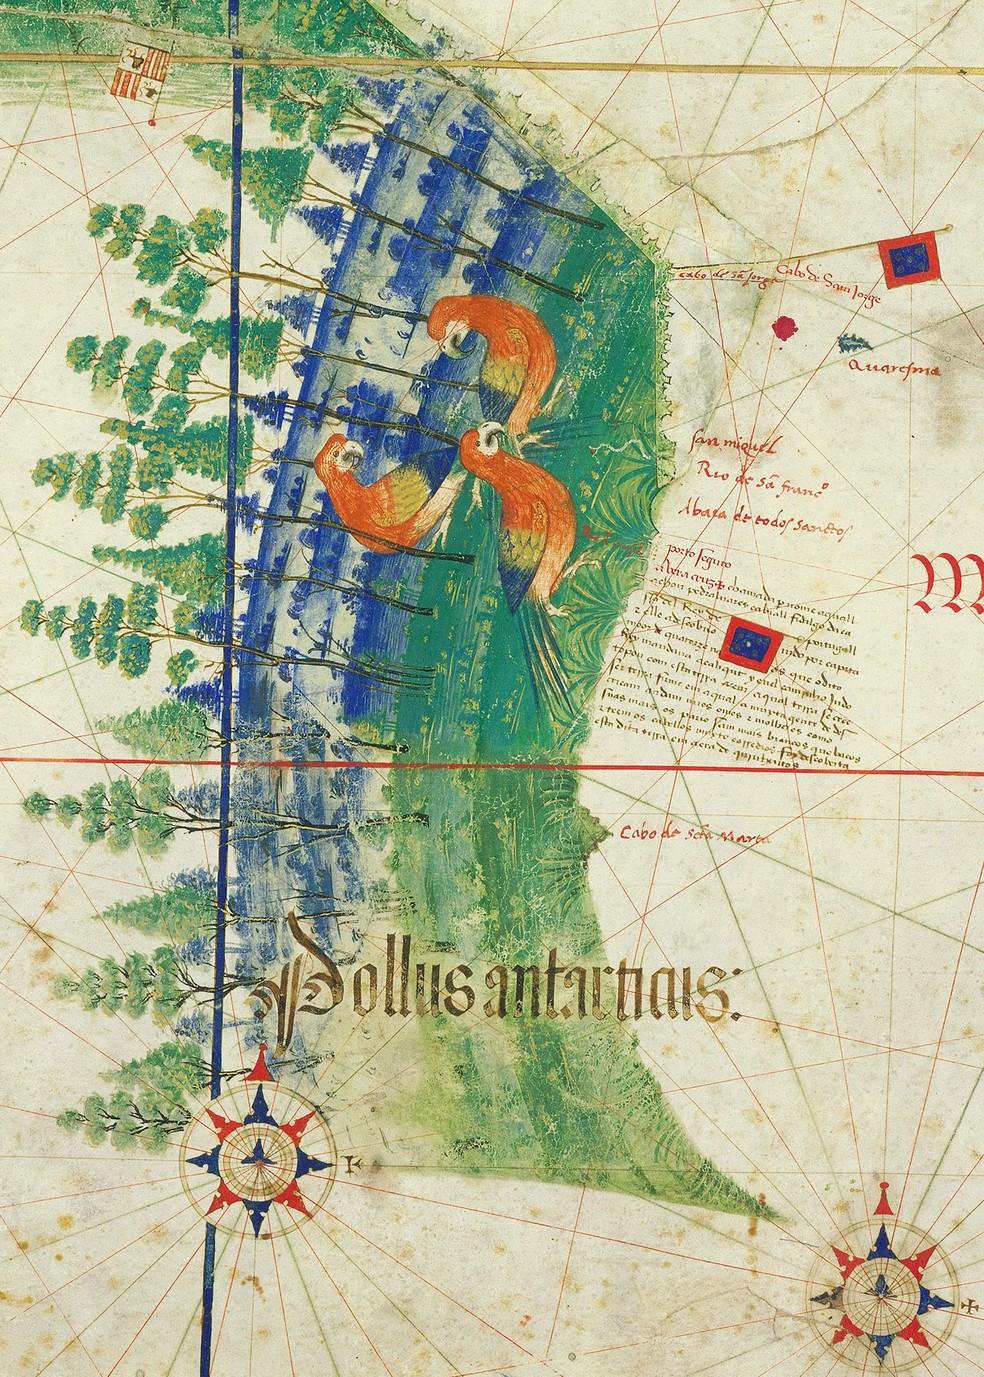 """O chamado """"Planisfério de Cantino"""" é uma cópia de um importante mapa oficial que ficava guardado a sete chaves na época do Brasil Colônia. — Foto: Alberto Cantino/Arquivo Pessoal"""